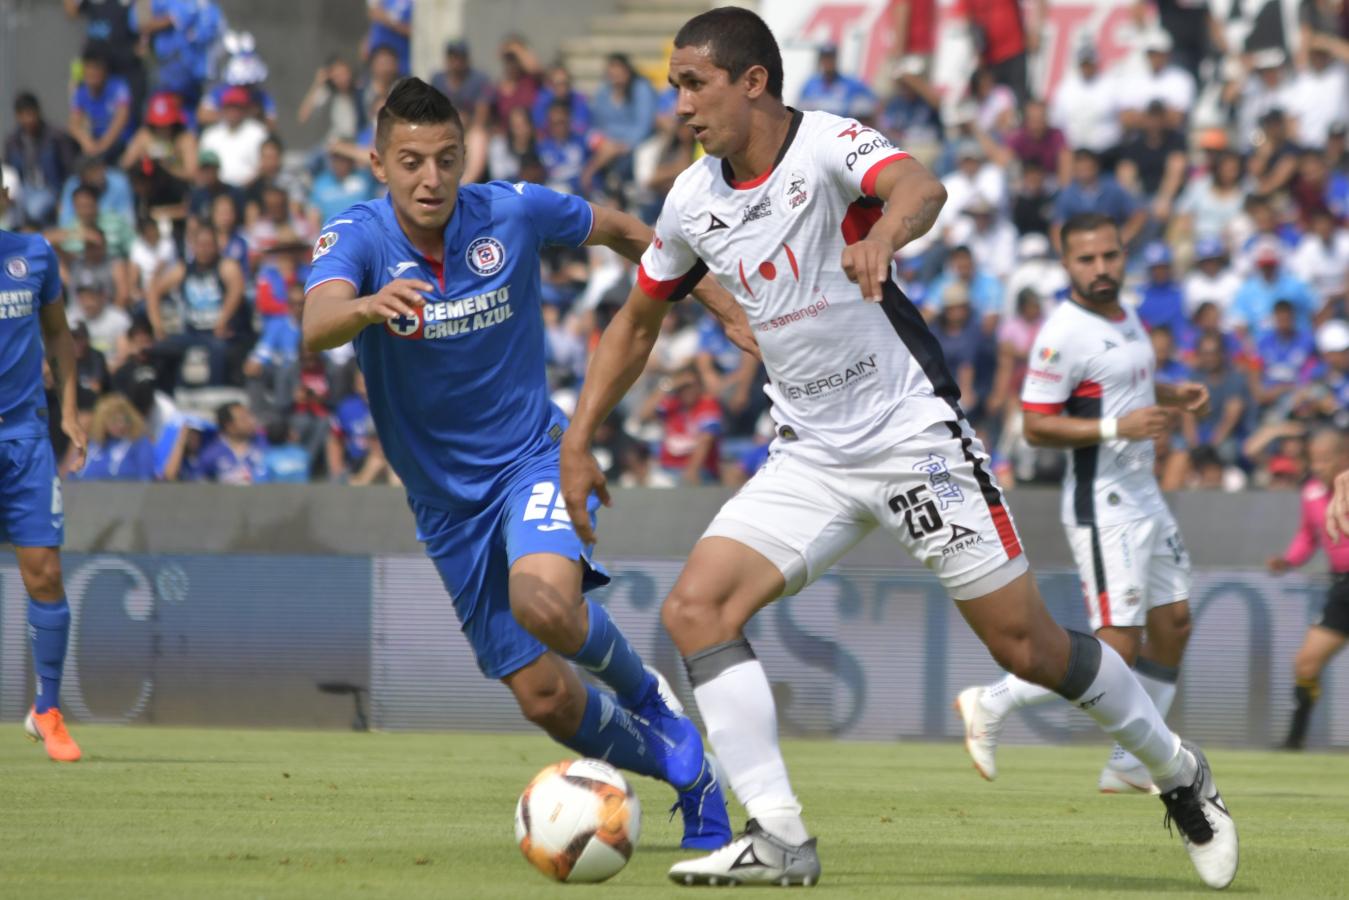 Lobos BUAP 1-4 Cruz Azul Jornada 16 Liga Bancomer MX Clausura 2019